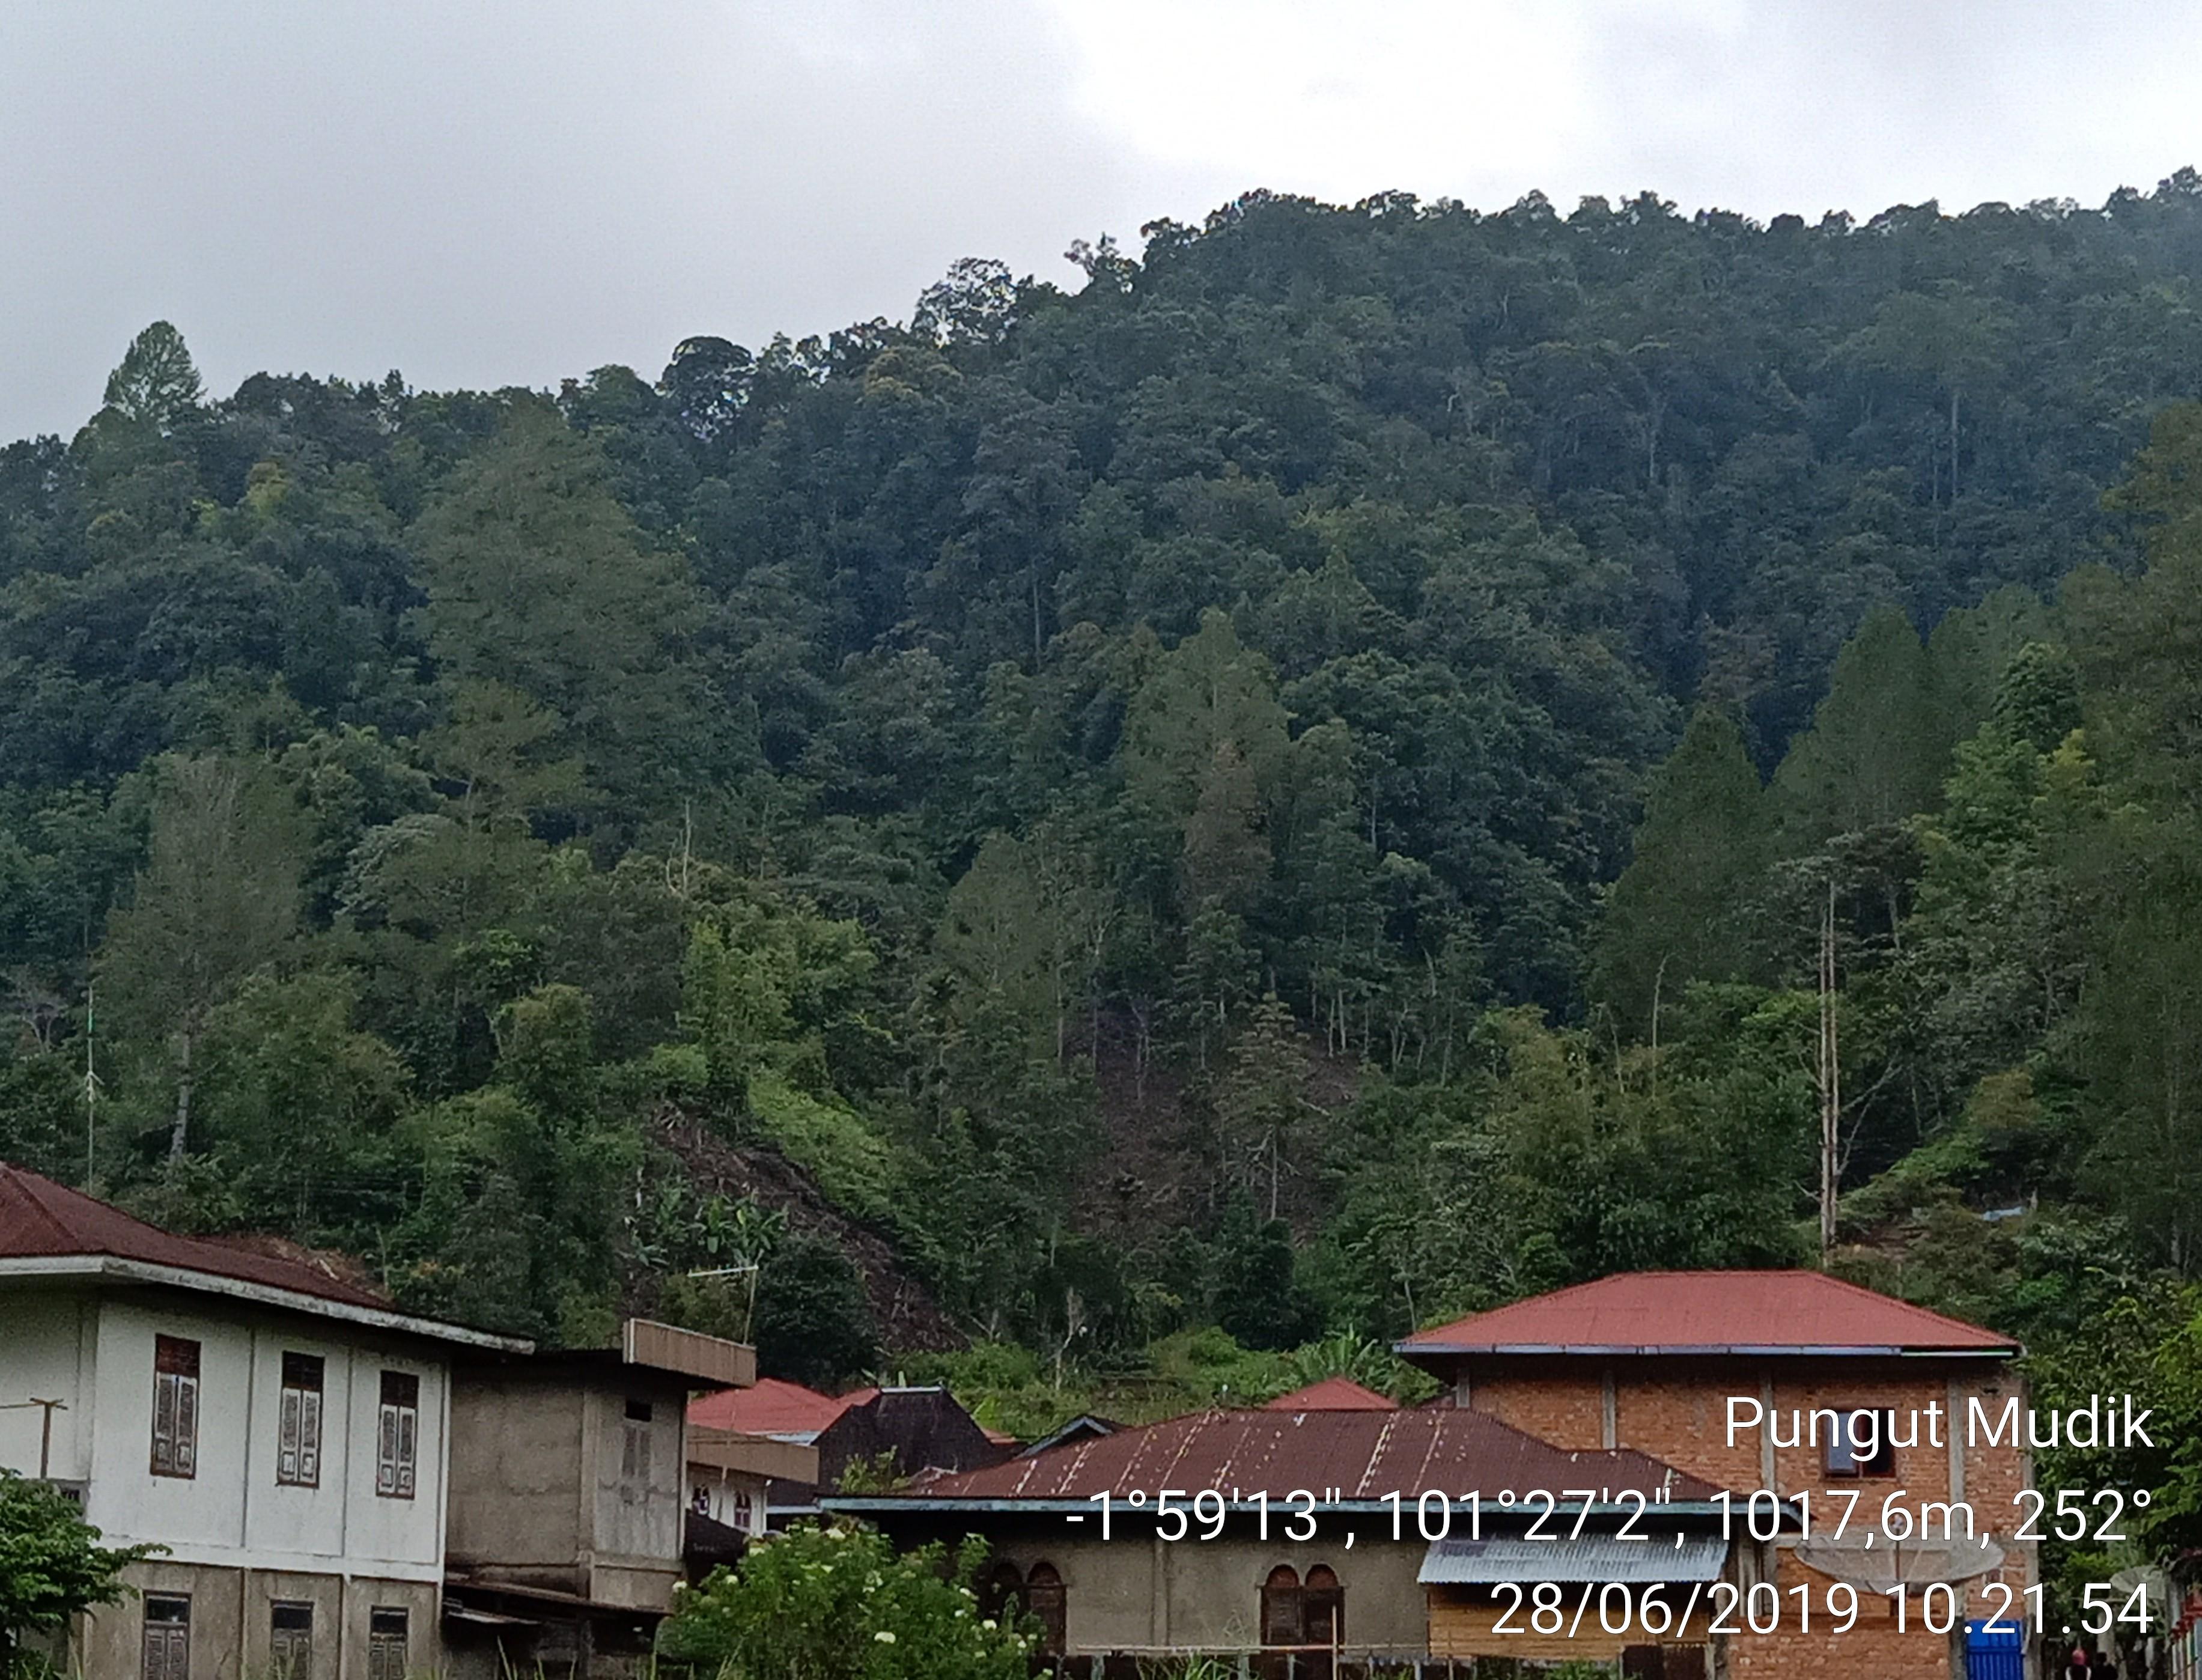 Kawasan Hutan Adat Pungut Mudik - LTA - KpSHK